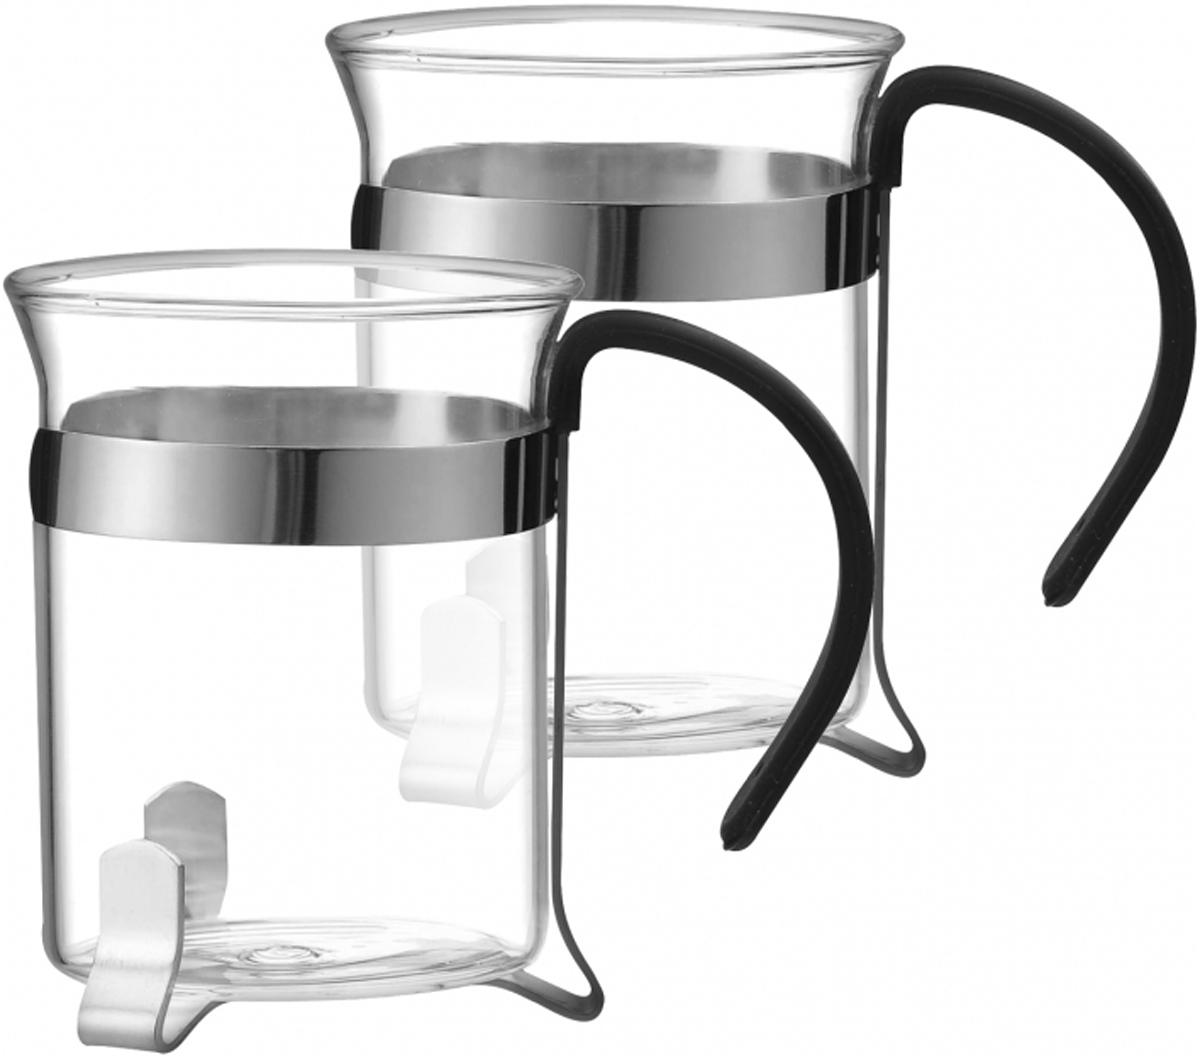 Набор чашек Marta, 200 мл, 2 шт. MT-3726MT-3726Набор Marta состоит из двух чашек из жаропрочного стекла в оправе из нержавеющей стал и оснащены эргономичными ручками. Чашки имеют устойчивое дно, что гарантирует безопасность и удобство при чаепитии. Изделия легко моются и остаются чистыми продолжительное время. Набор чашек Marta - отличный подарок для любителей горячих напитков и ценителей посуды из качественных экологически чистых материалов. Он сочетает в себе элегантность и практичность, послужит источником отличного настроения для двоих. Подходят для мытья в посудомоечной машине.